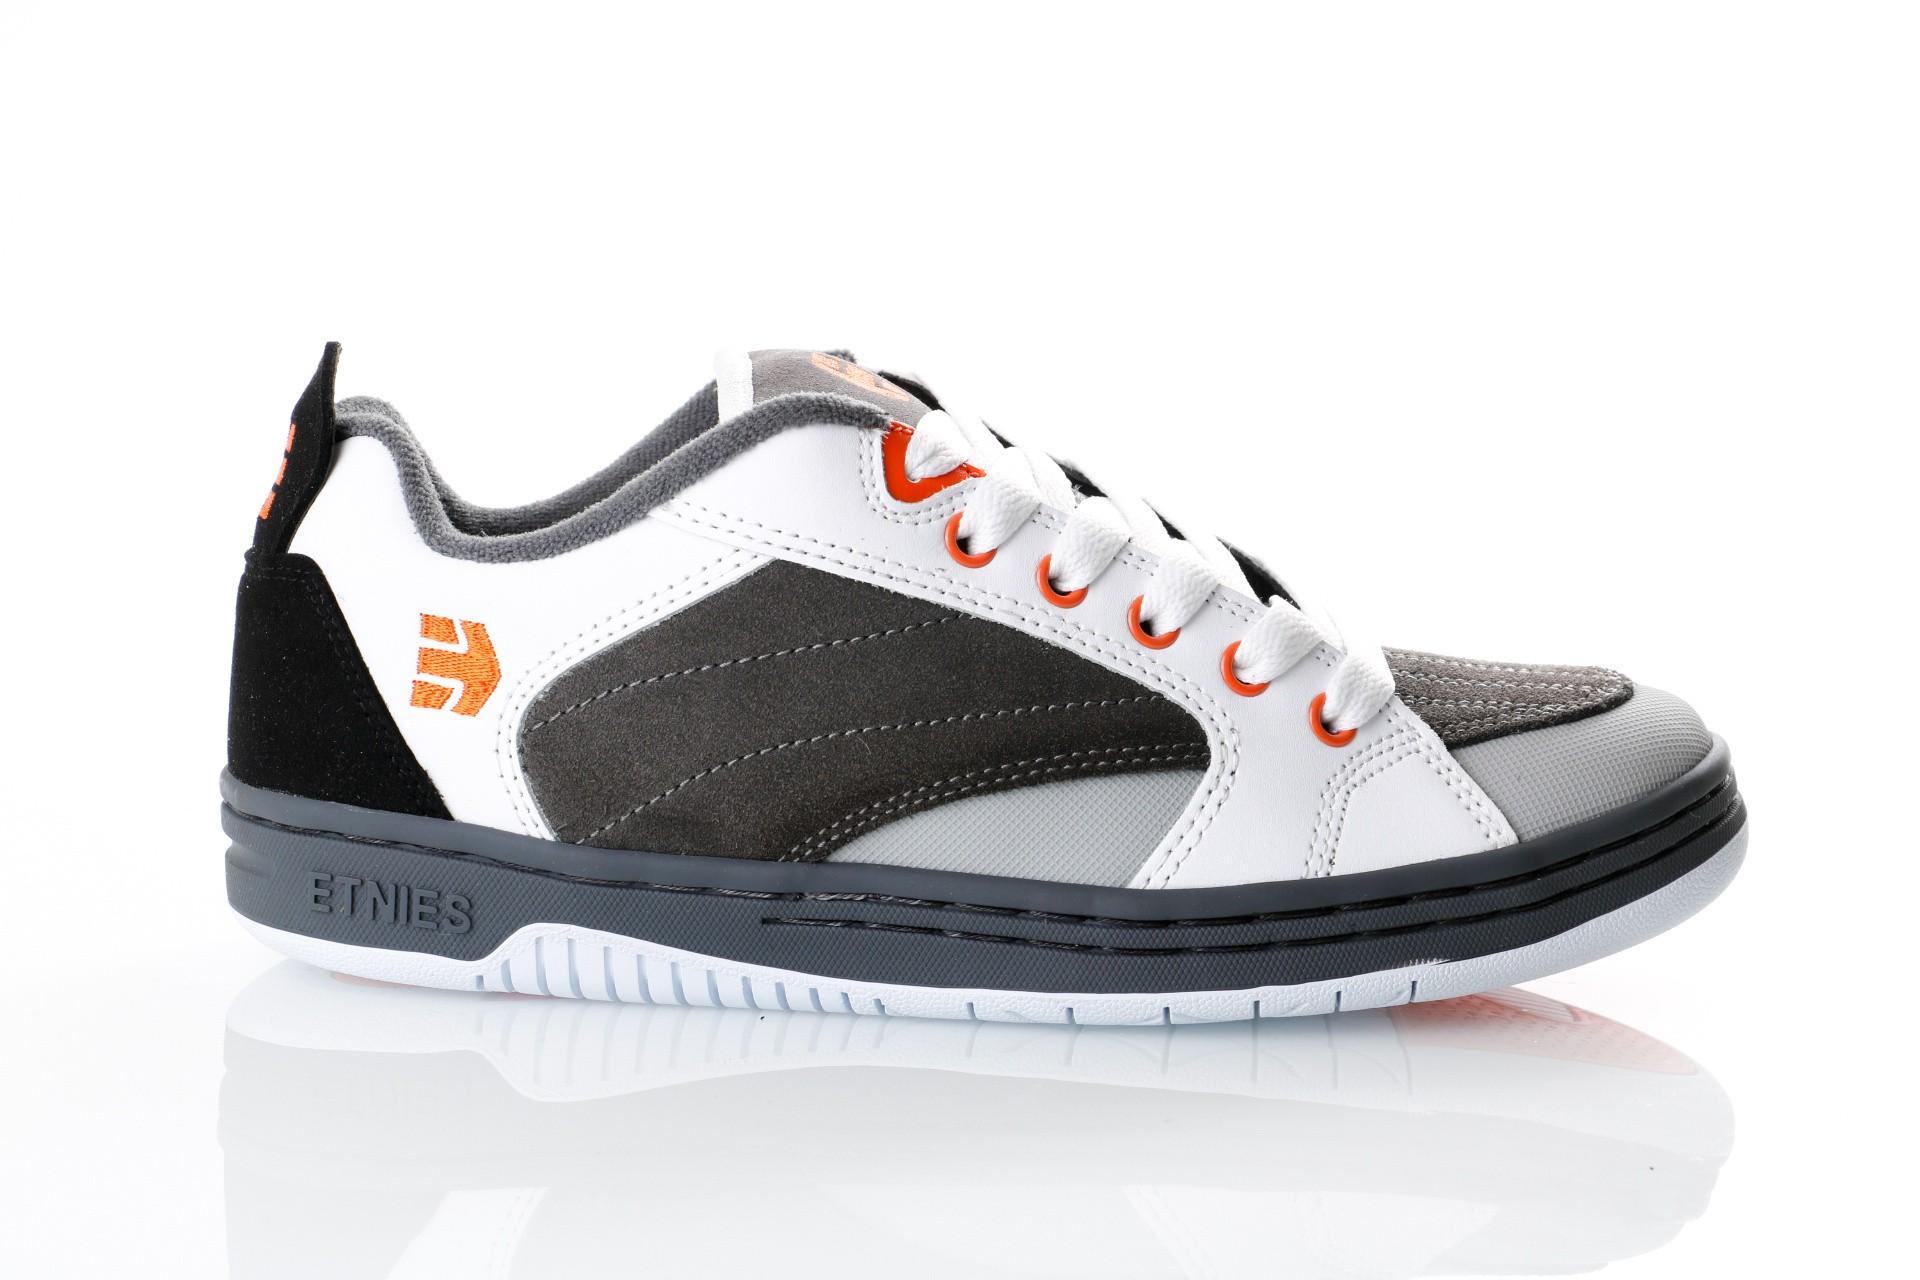 Afbeelding van Etnies CZAR 4101000508 Sneakers GREY/WHITE/ORANGE